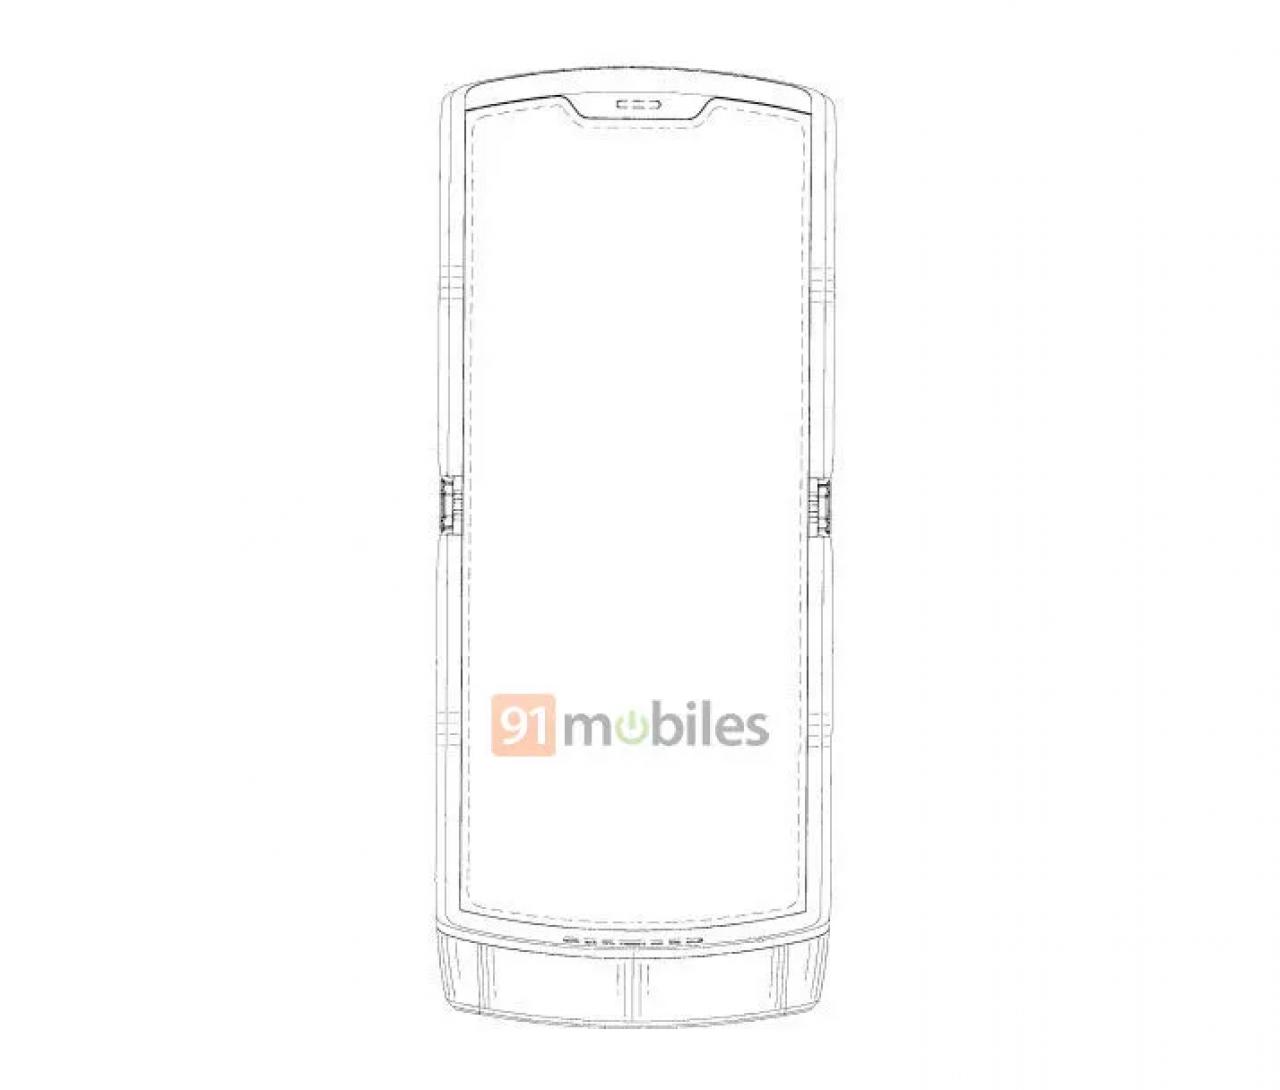 Mira cómo luce el remake del clásico teléfono Motorola